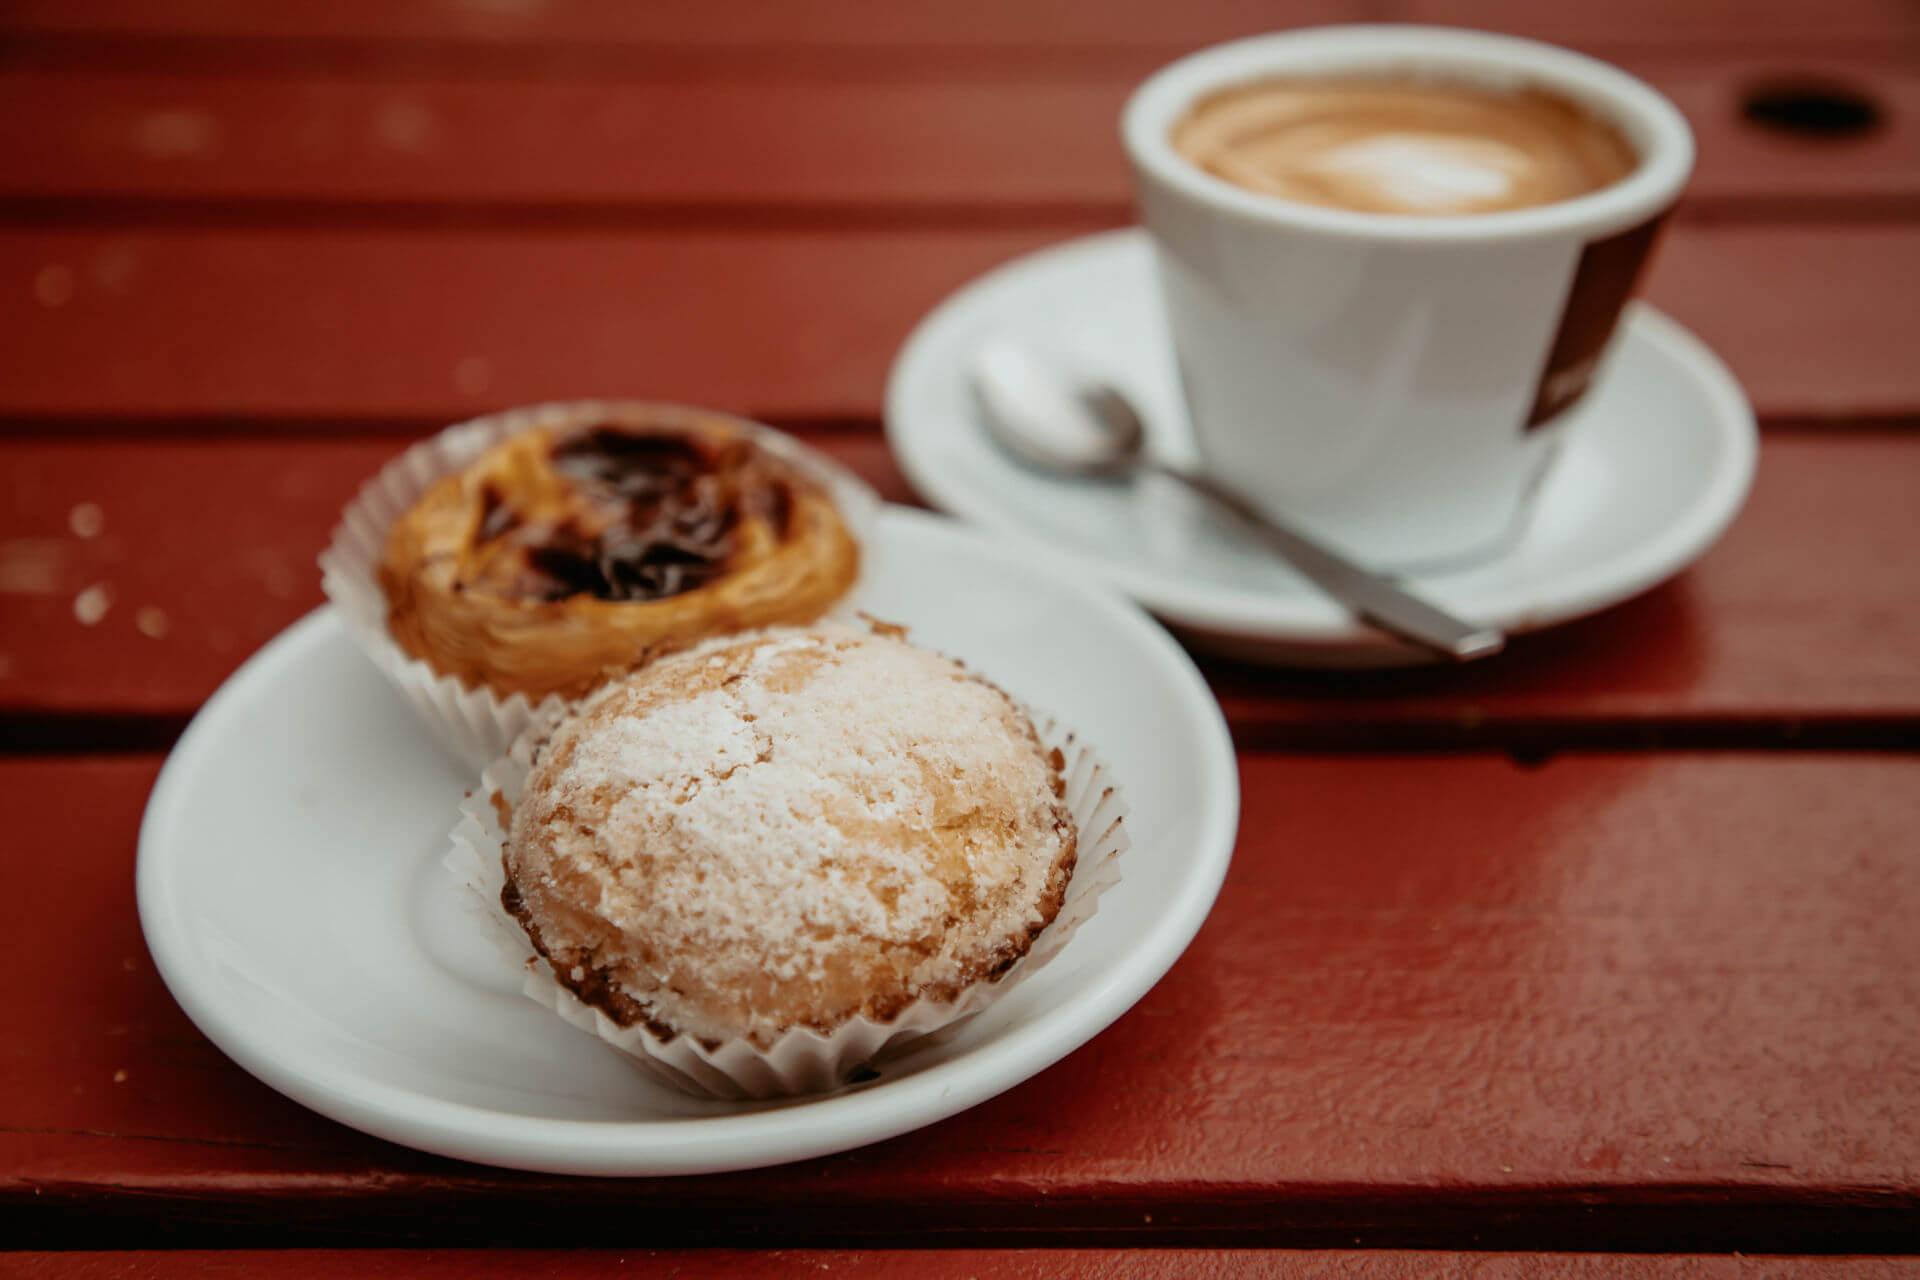 Die Pasteis mit Capucchino im Unser Café im Szeneviertel Prenzlauer Berg, Berlin sollte man als Besucher auf jeden Fall probieren.